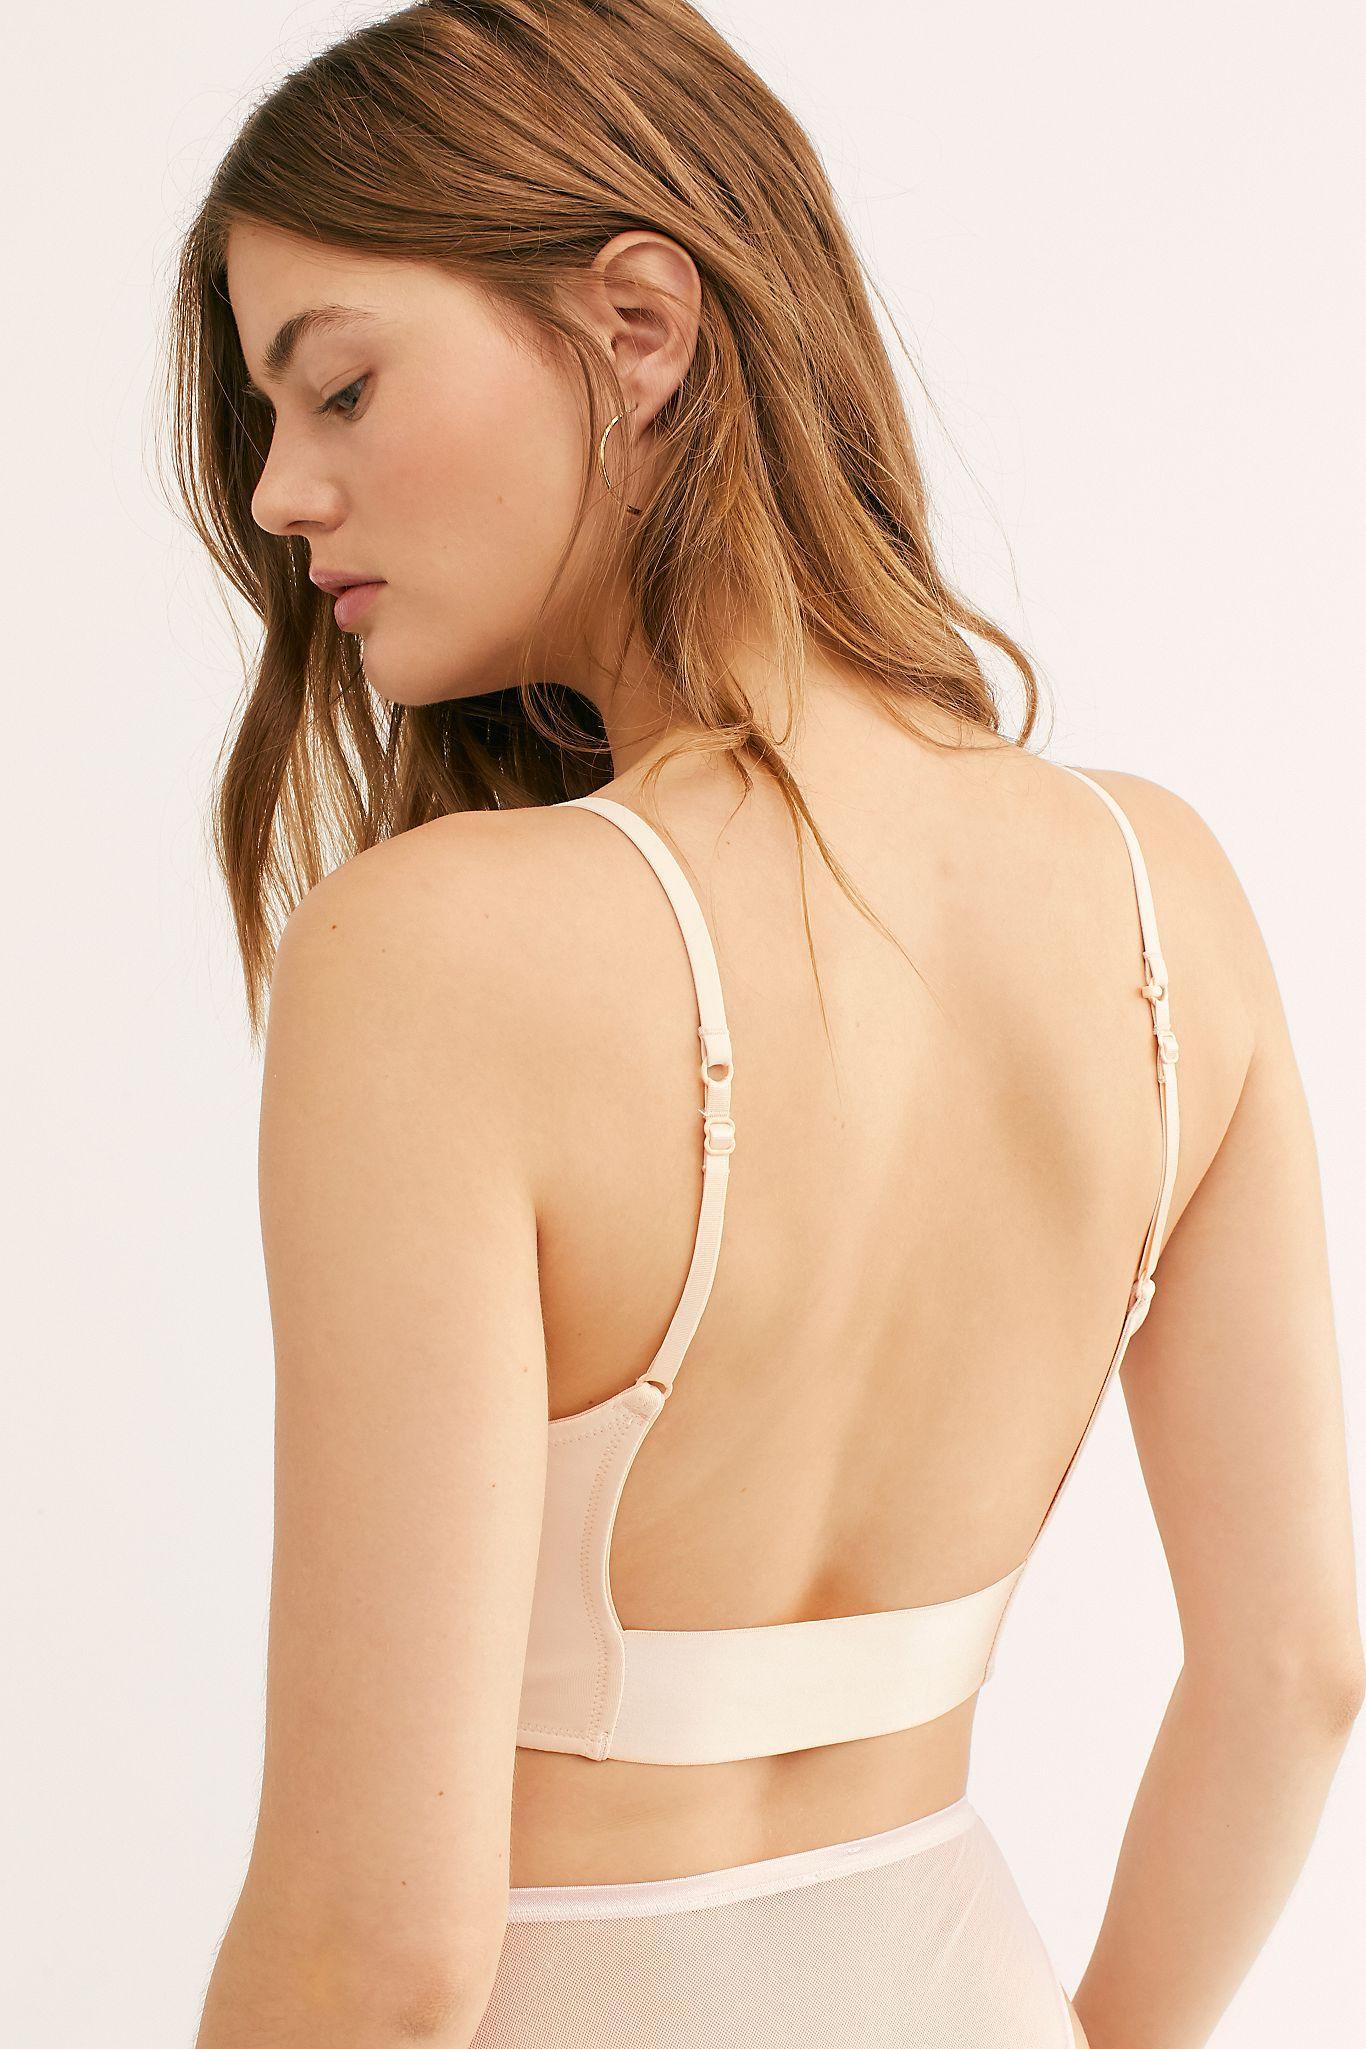 Brianna Longline Underwire Neo Bra Bras For Backless Dresses Dress Bra Backless Bra [ 2049 x 1366 Pixel ]